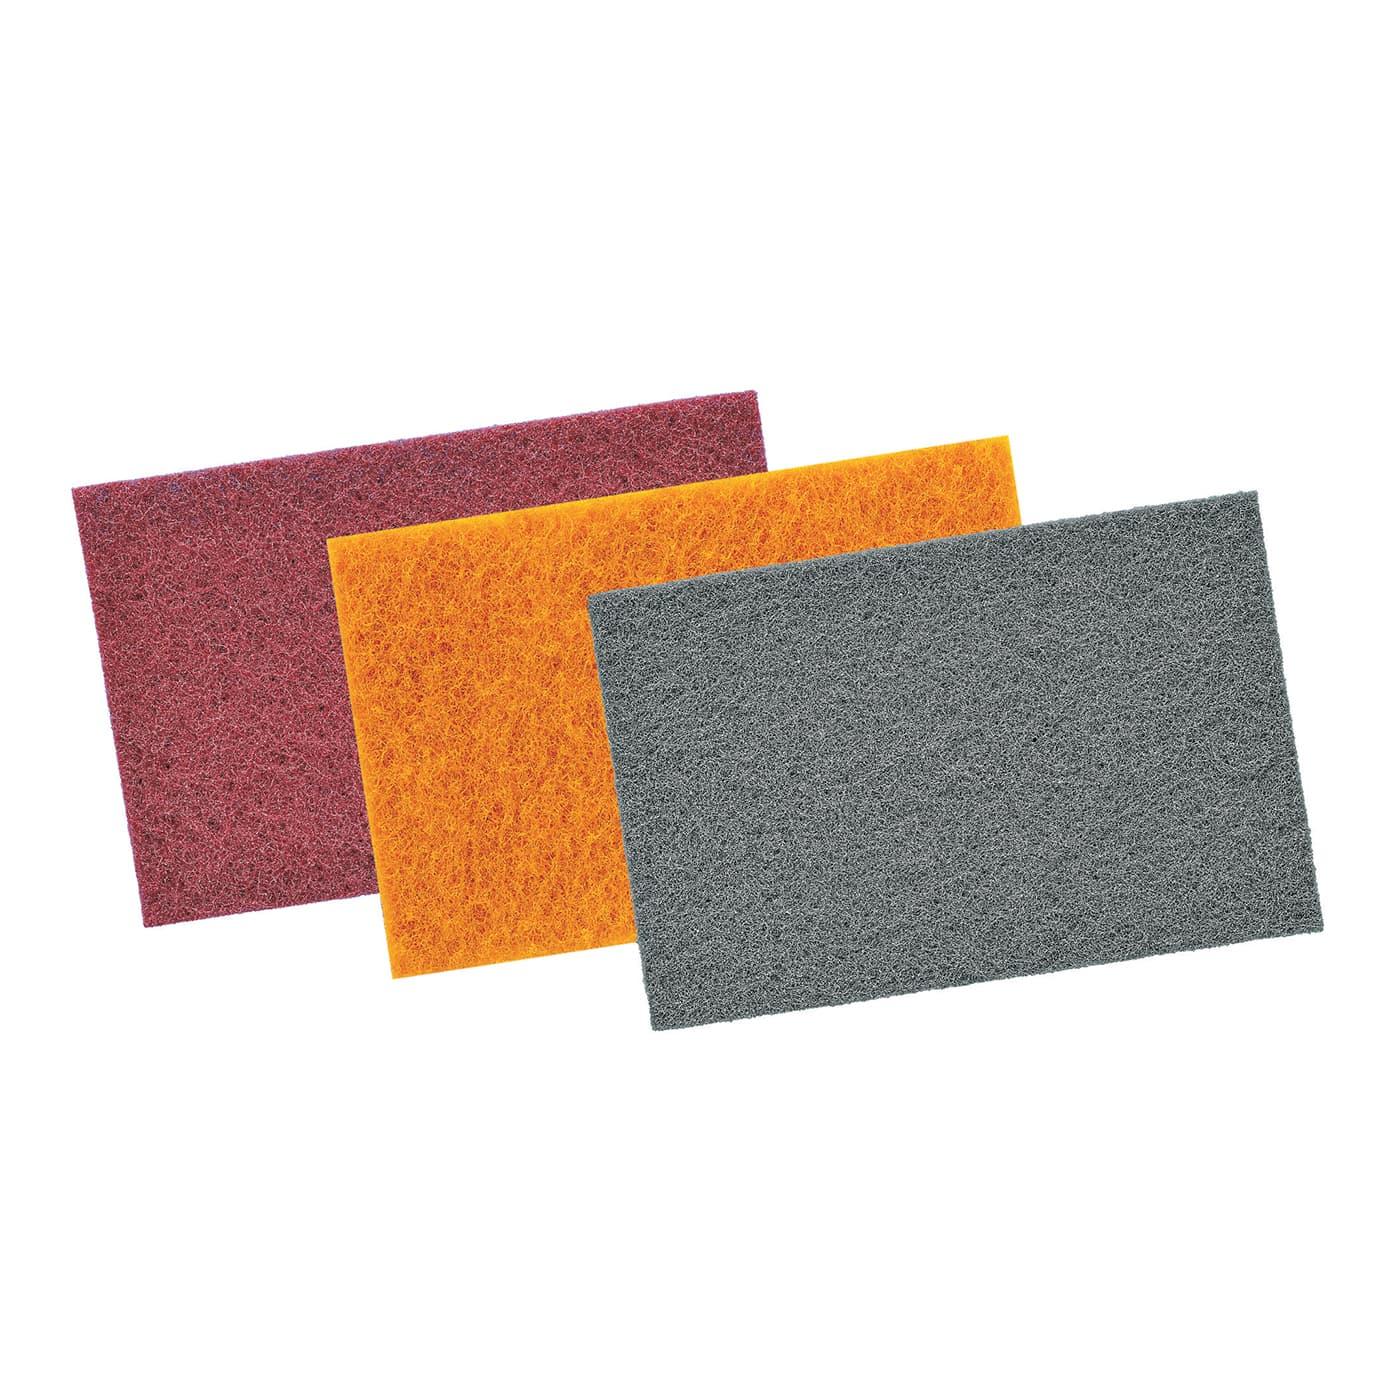 925 non-woven abrasive sheets